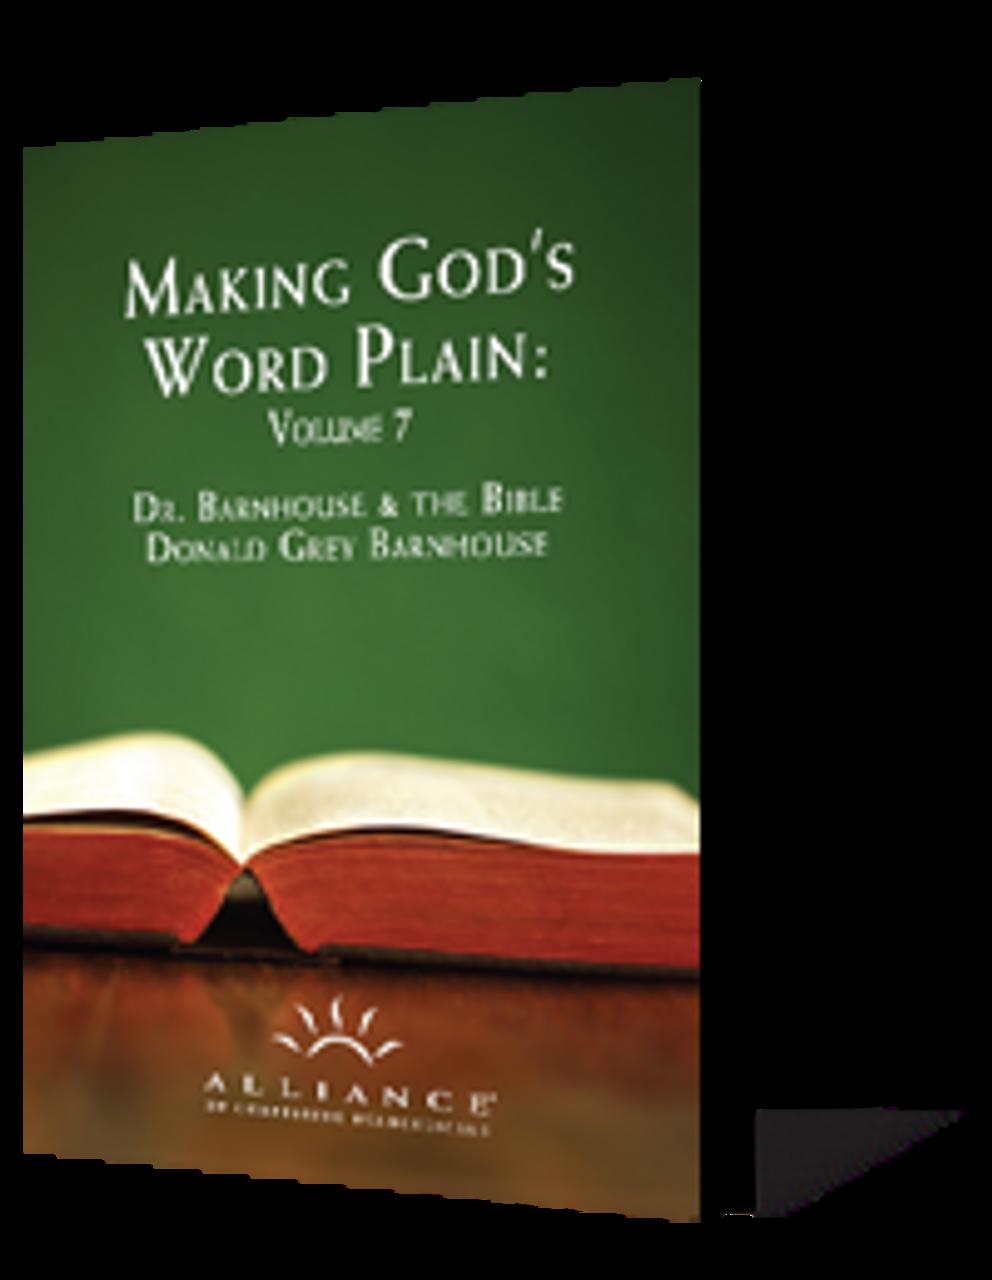 Making God's Word Plain, Volume 7 (CD Set)